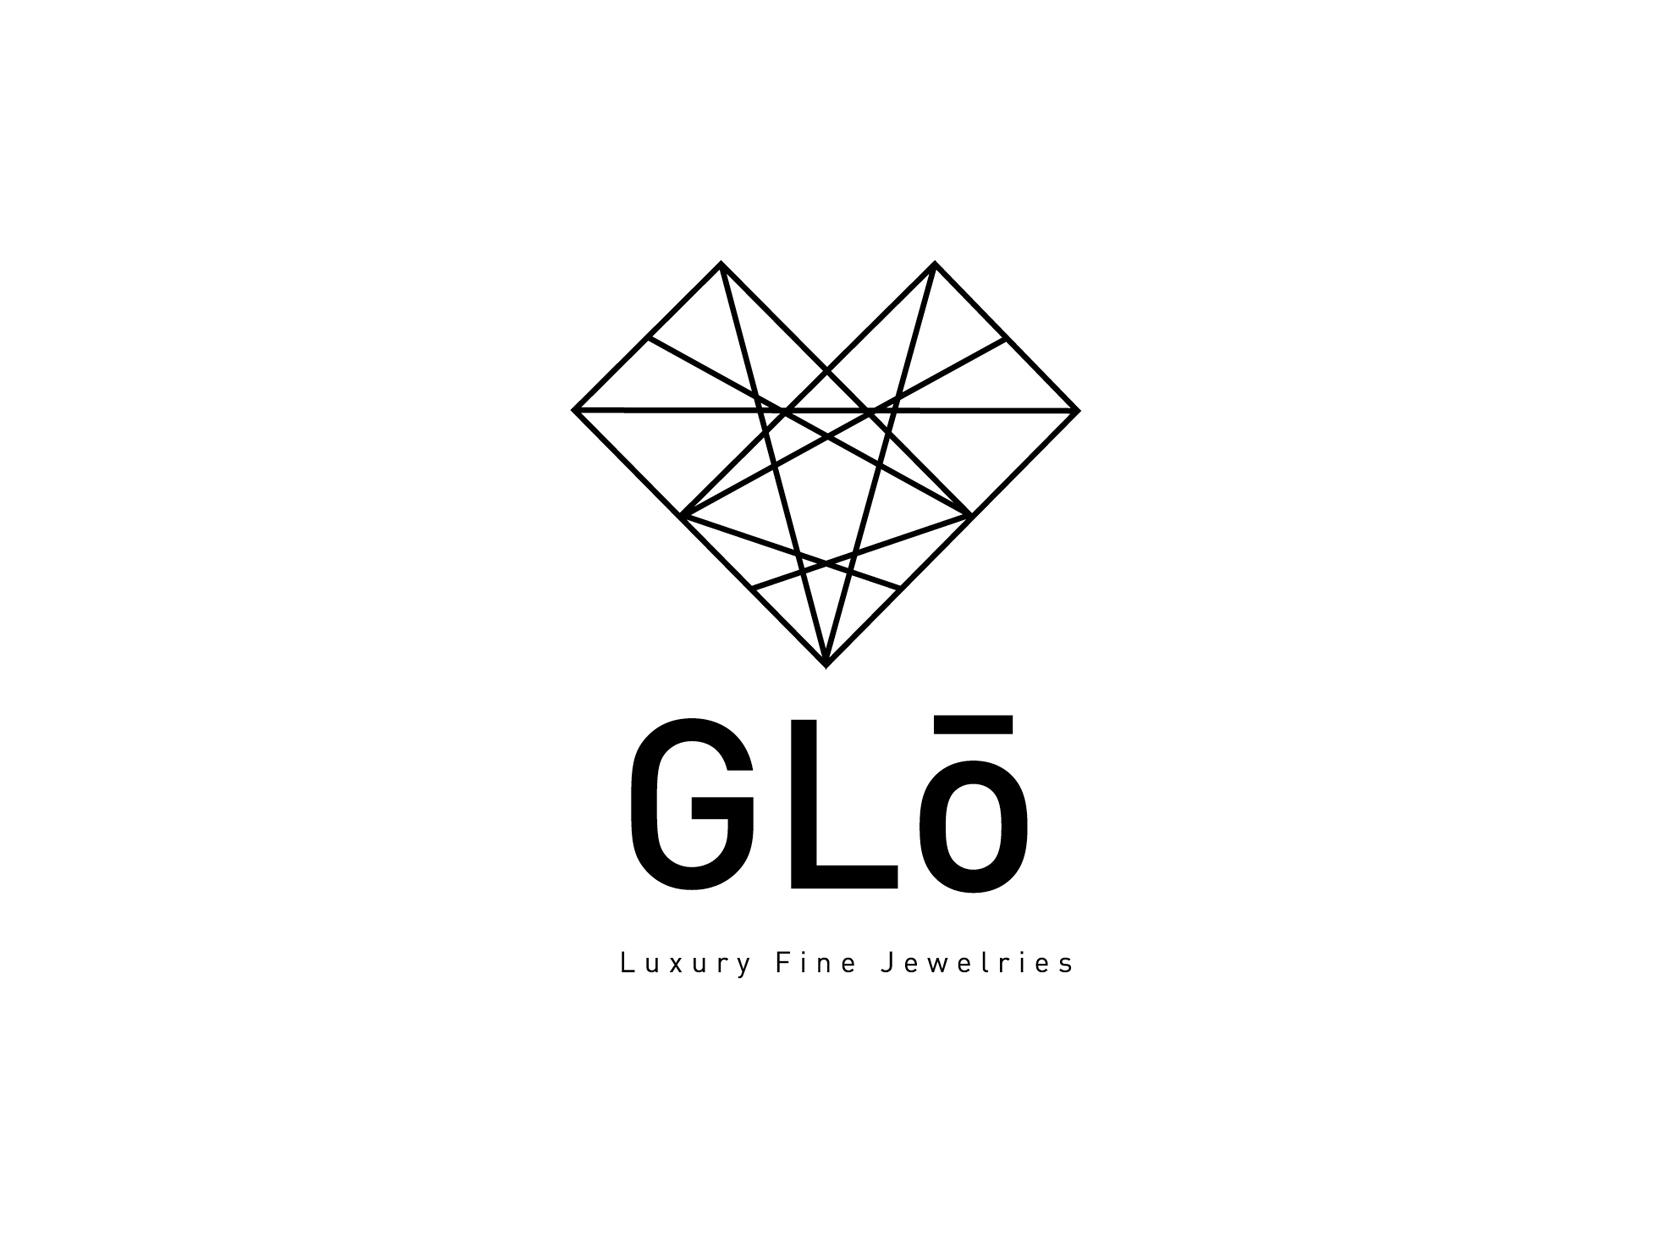 Glo | Fine Jewelry Brand